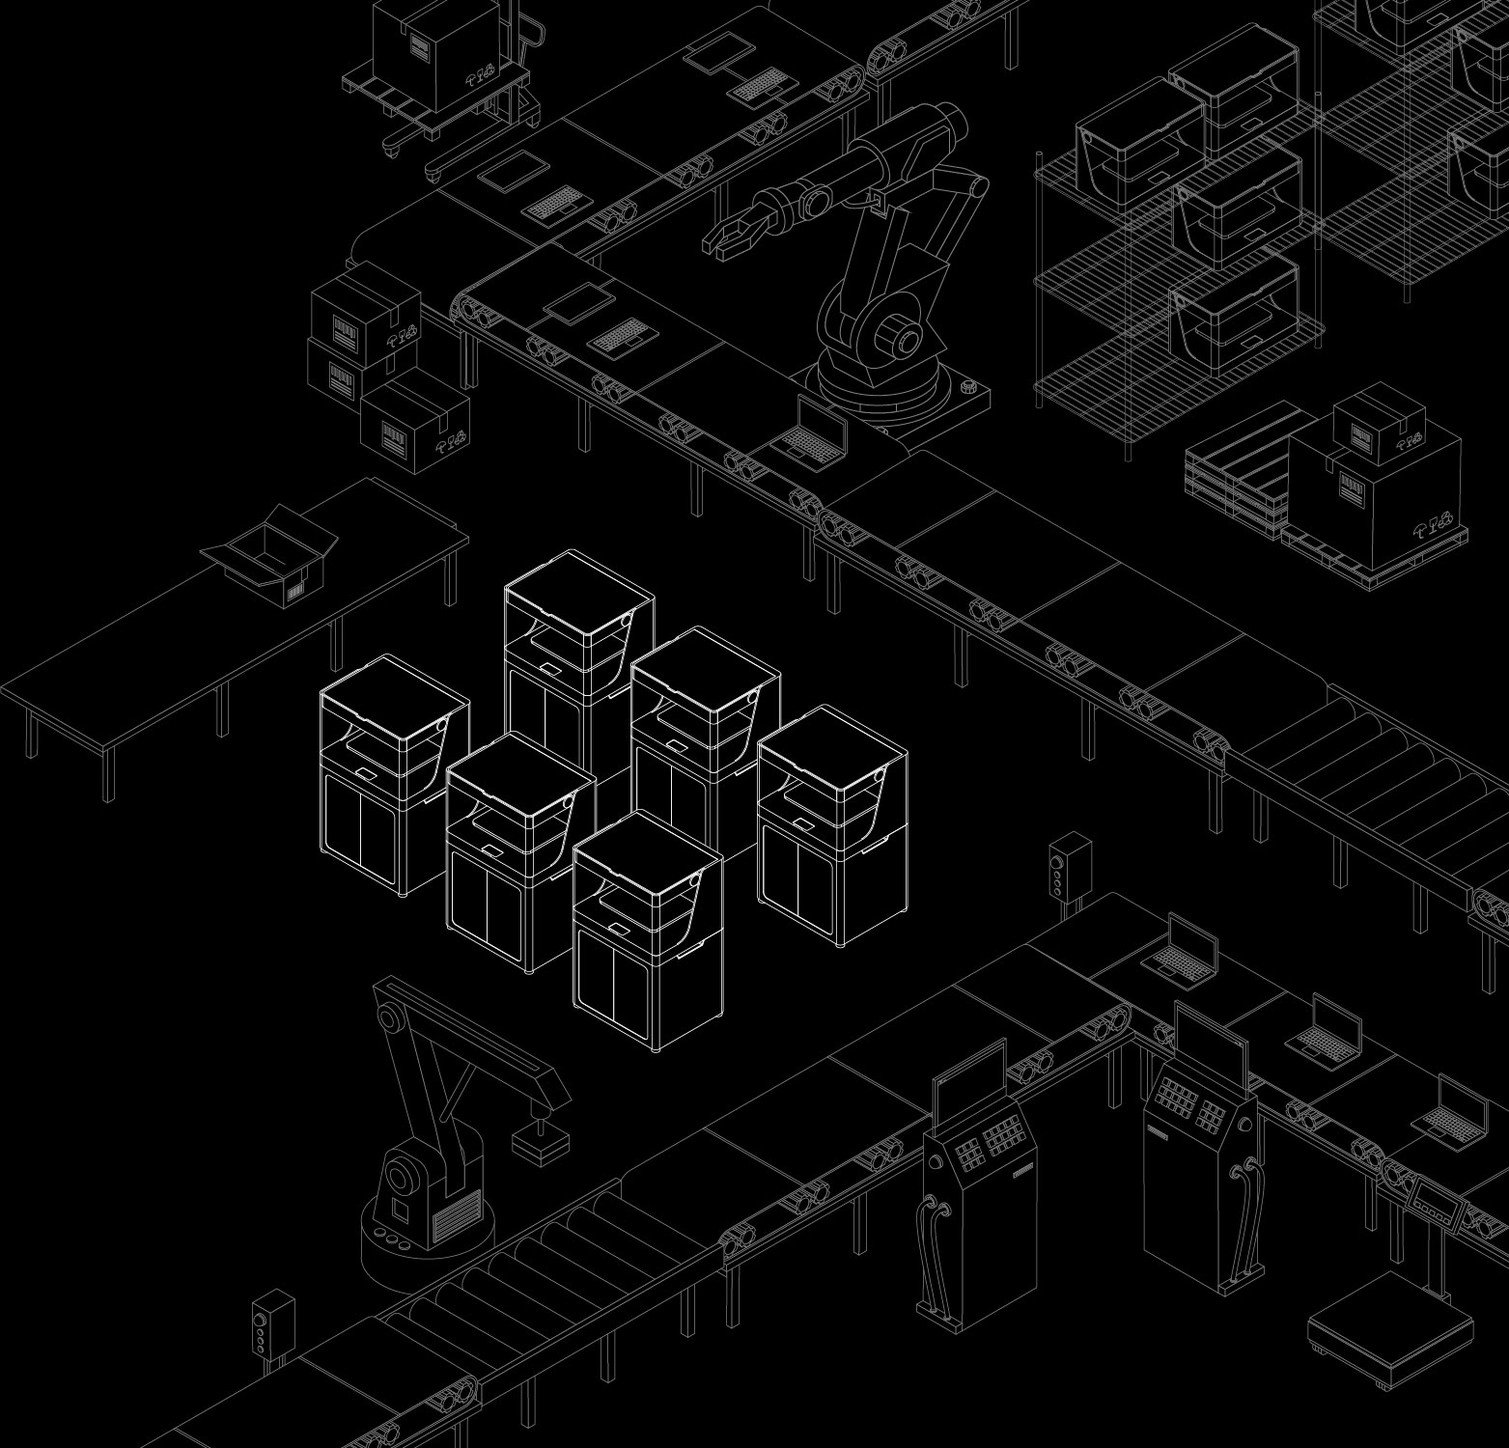 カーボンファイバーを造形できる3Dプリンター